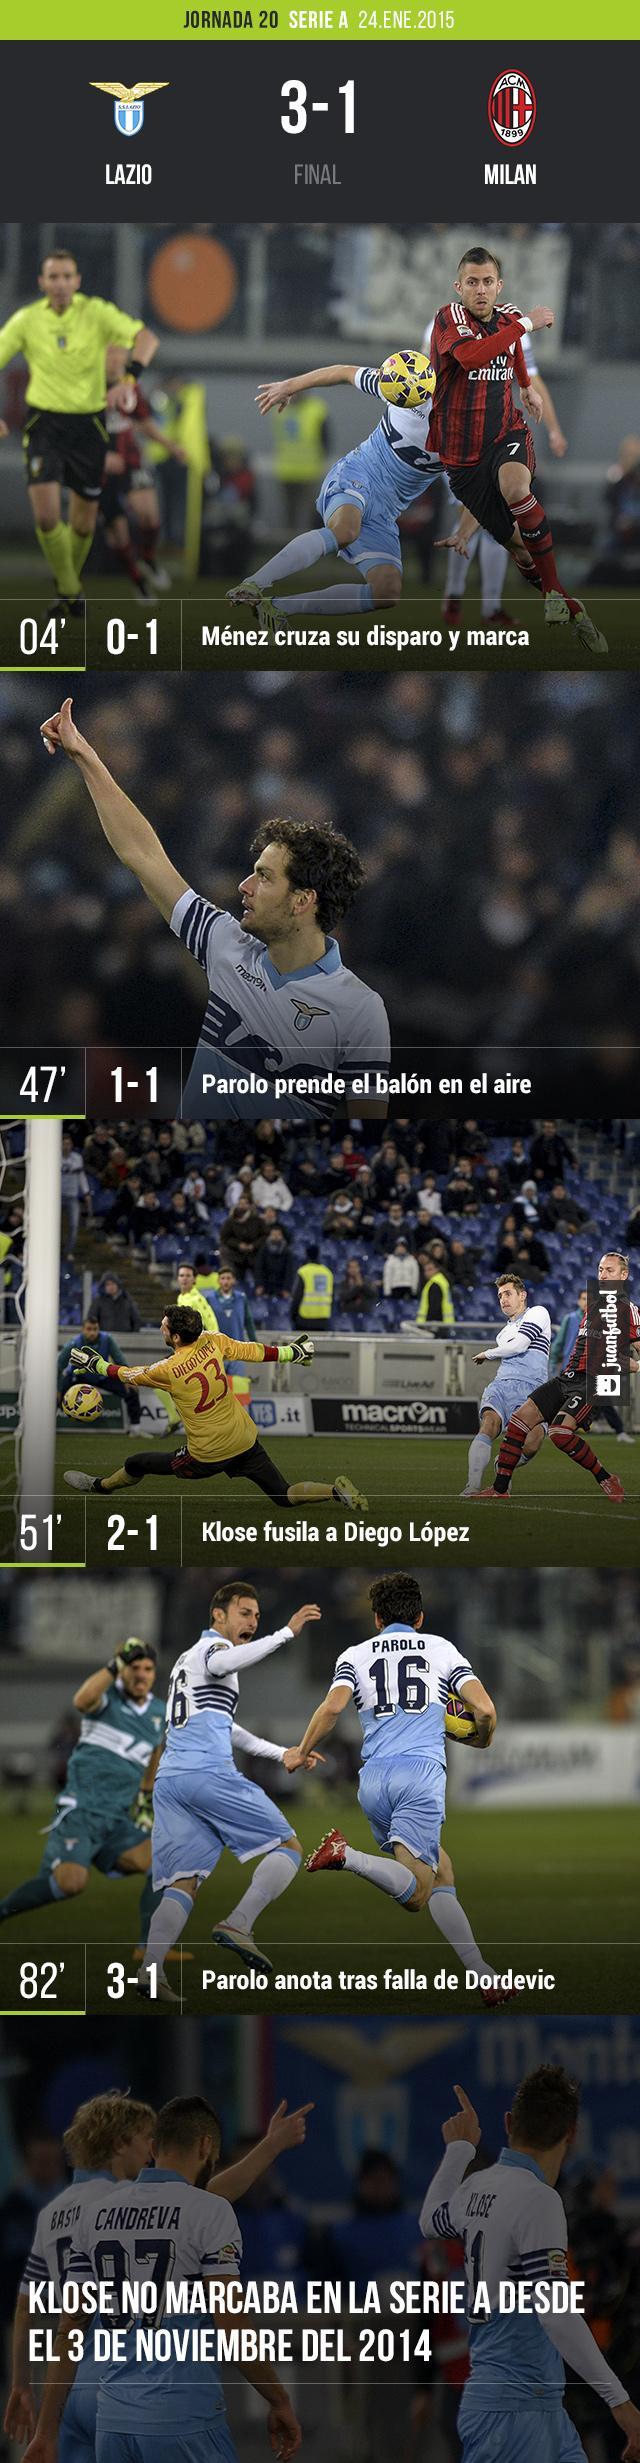 La Lazio venció 3-1 al Milan después de empezar perdiendo con gol de Ménez. Klose encabezó la revuelta y puso un pase para gol, además de contribuir con un tanto.